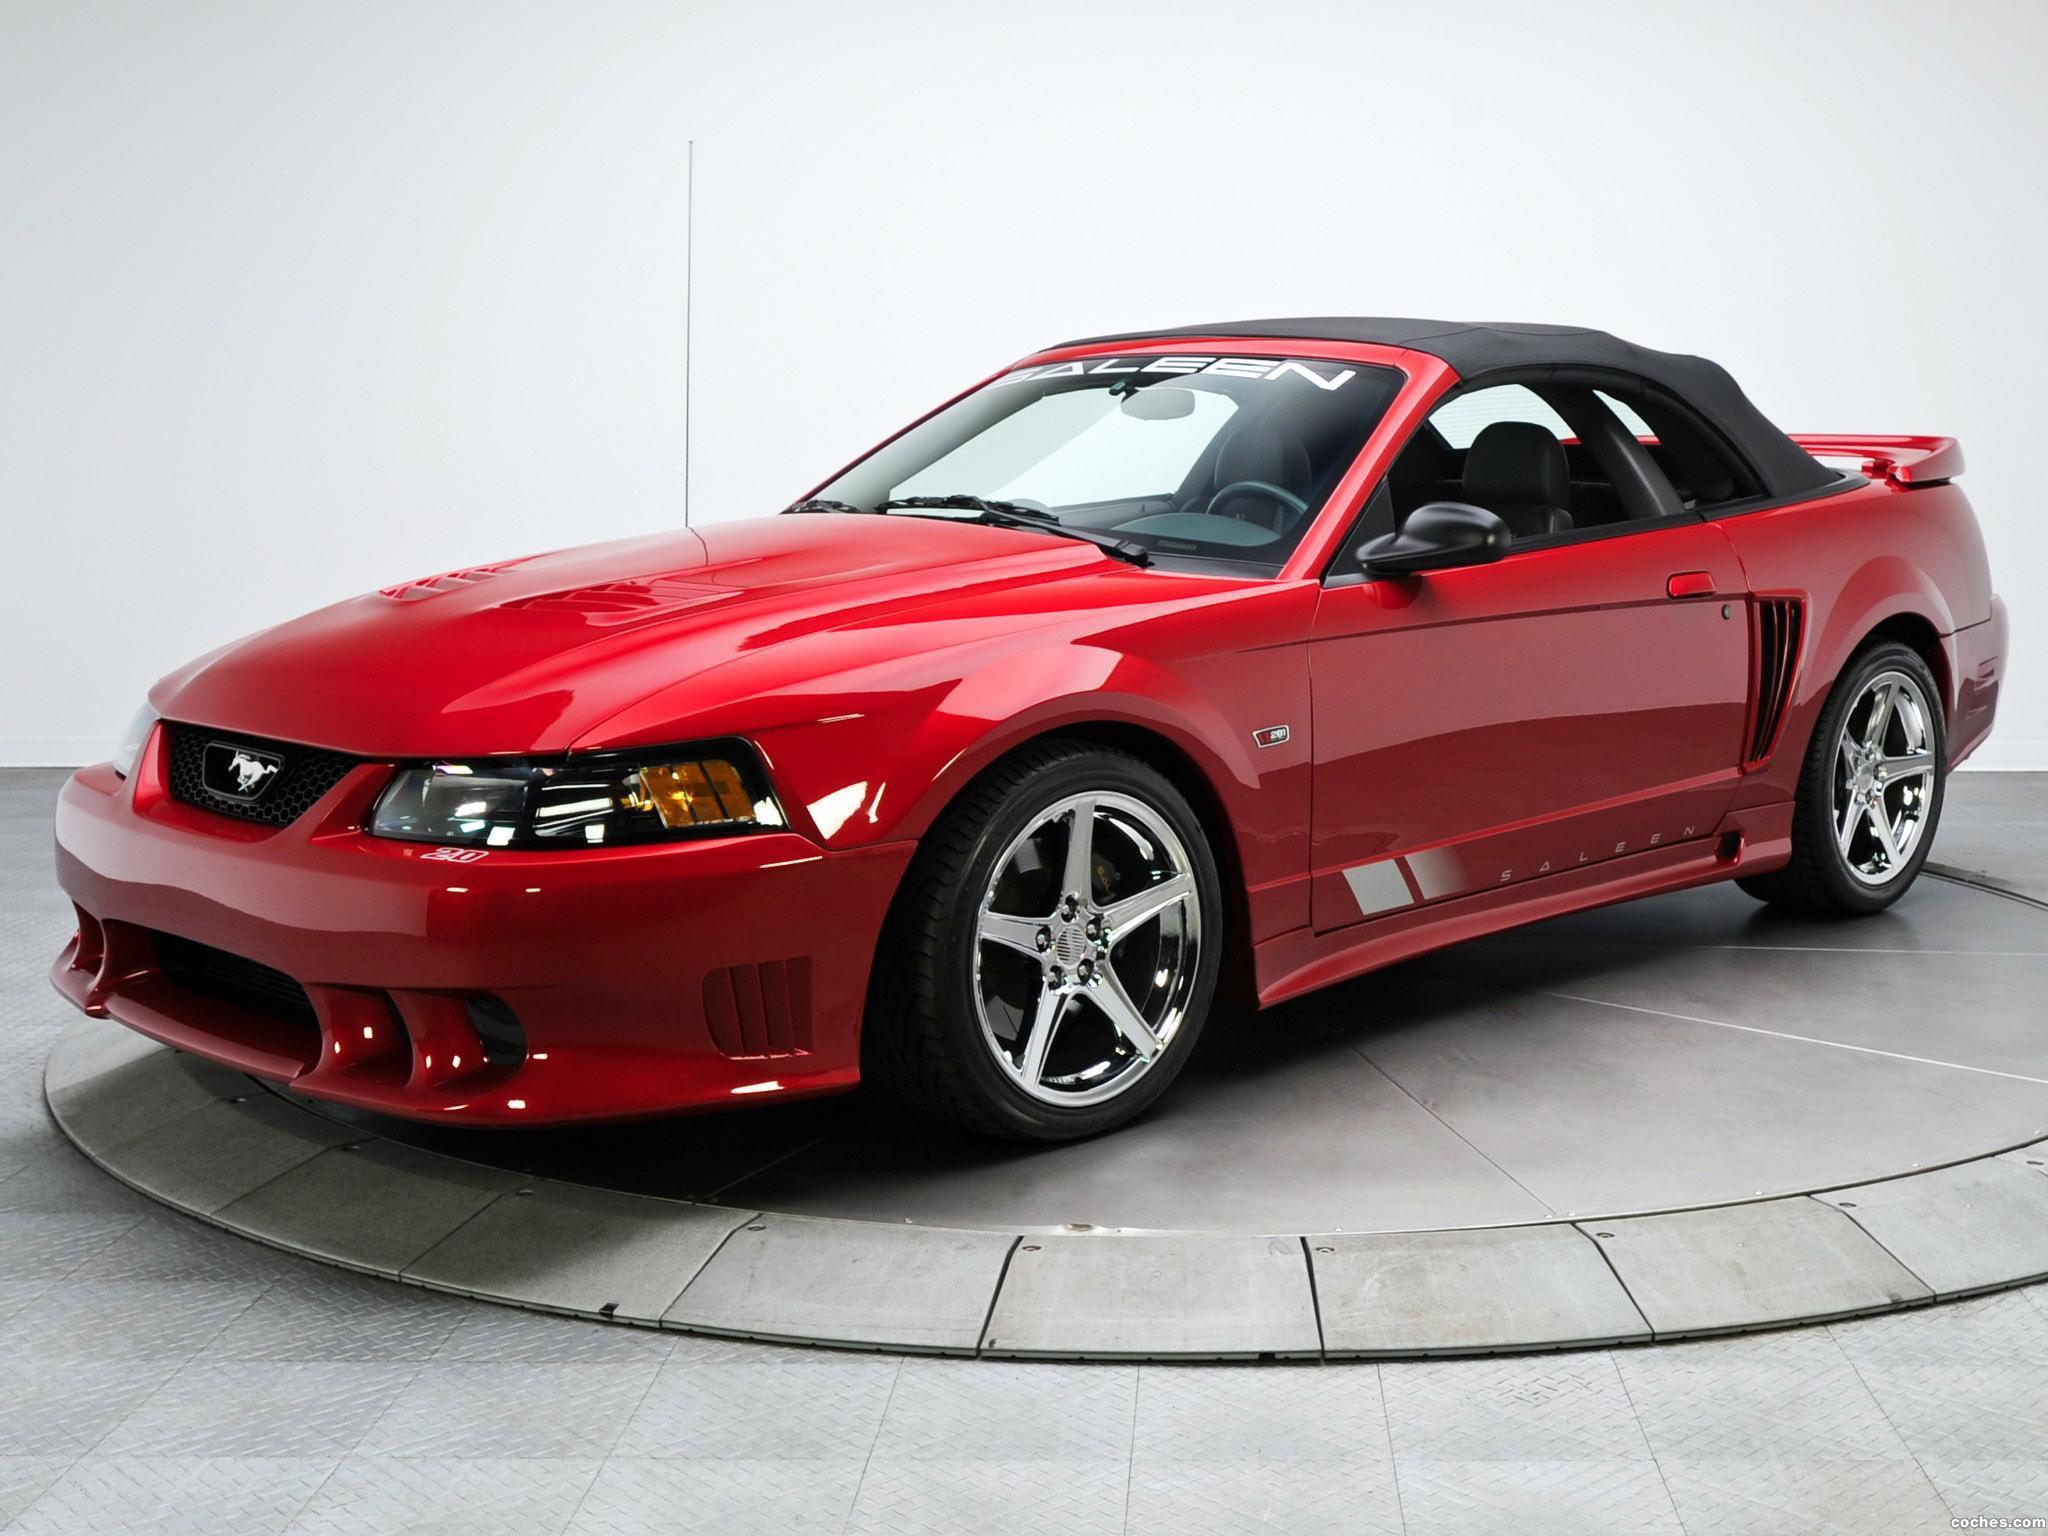 Foto 0 de Ford Saleen Mustang S281 SC Eextrime Speedster 2003